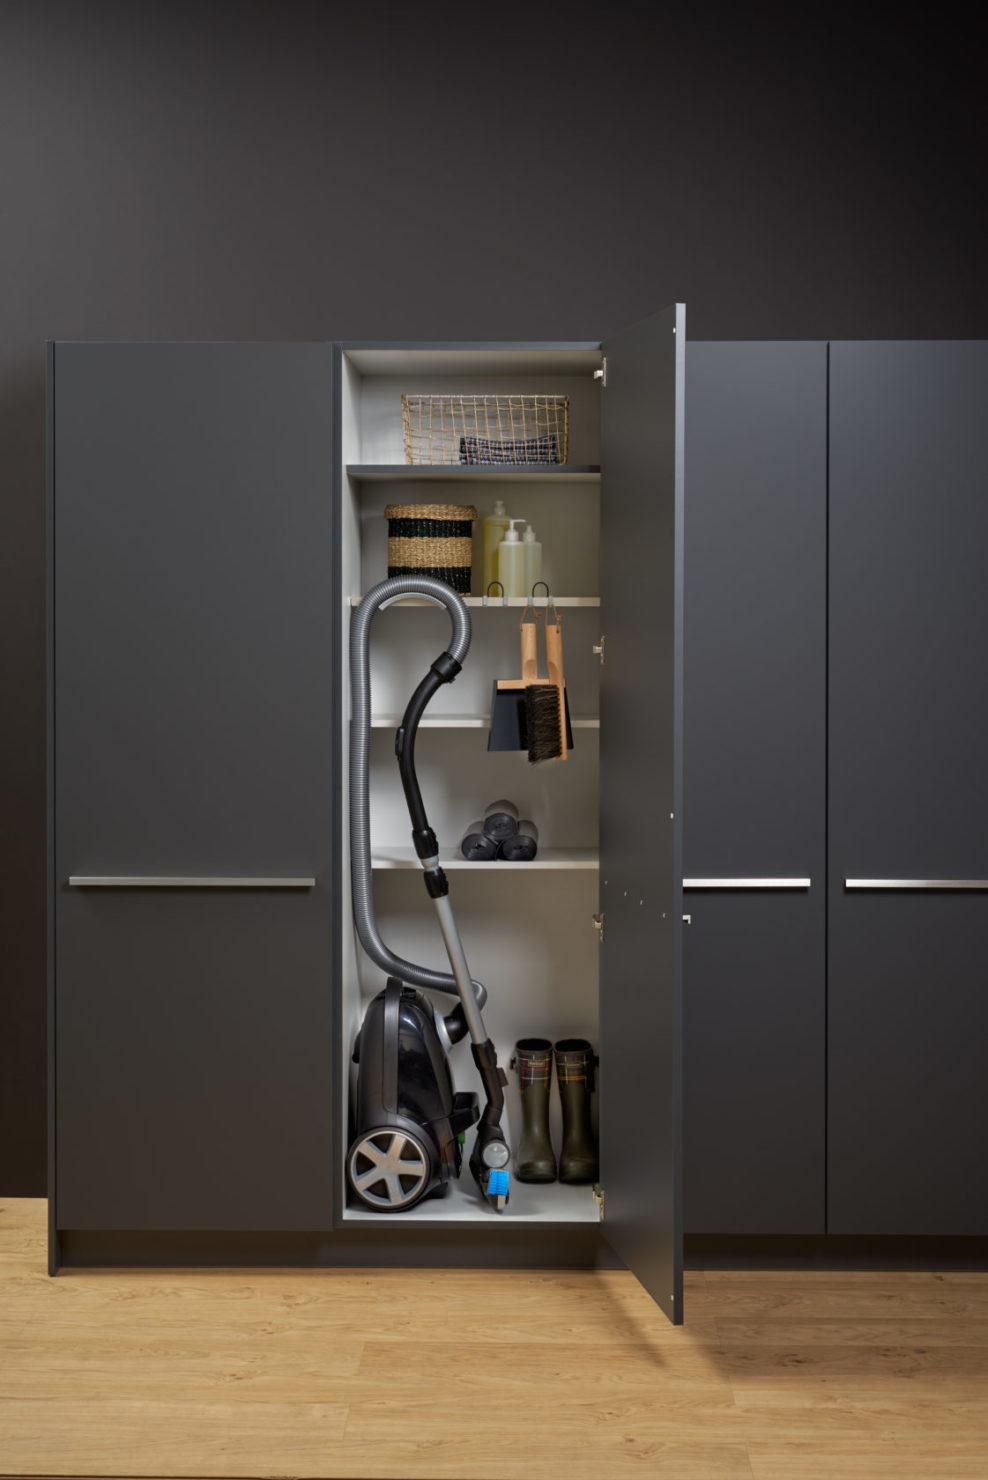 neue leicht k chenschr nke hauswirtschaftsschrank apothekerauszug k chenhaus thiemann. Black Bedroom Furniture Sets. Home Design Ideas